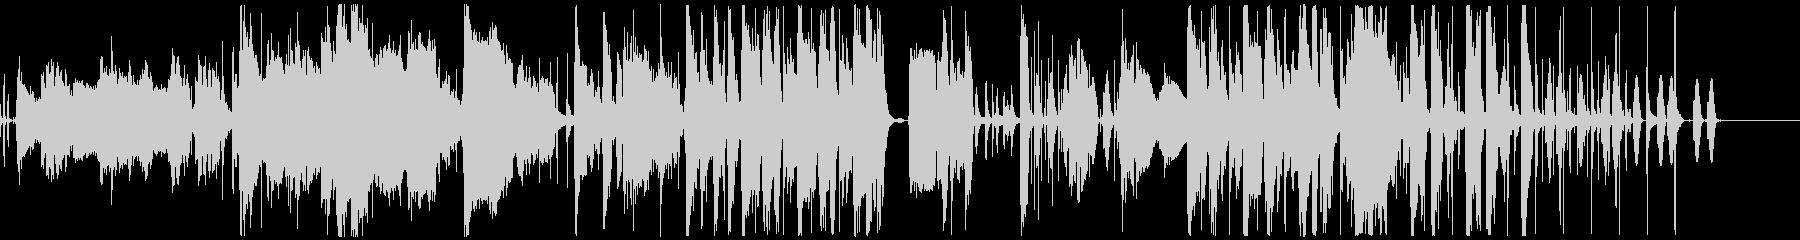 フュージョン ジャズ レトロ さわ...の未再生の波形